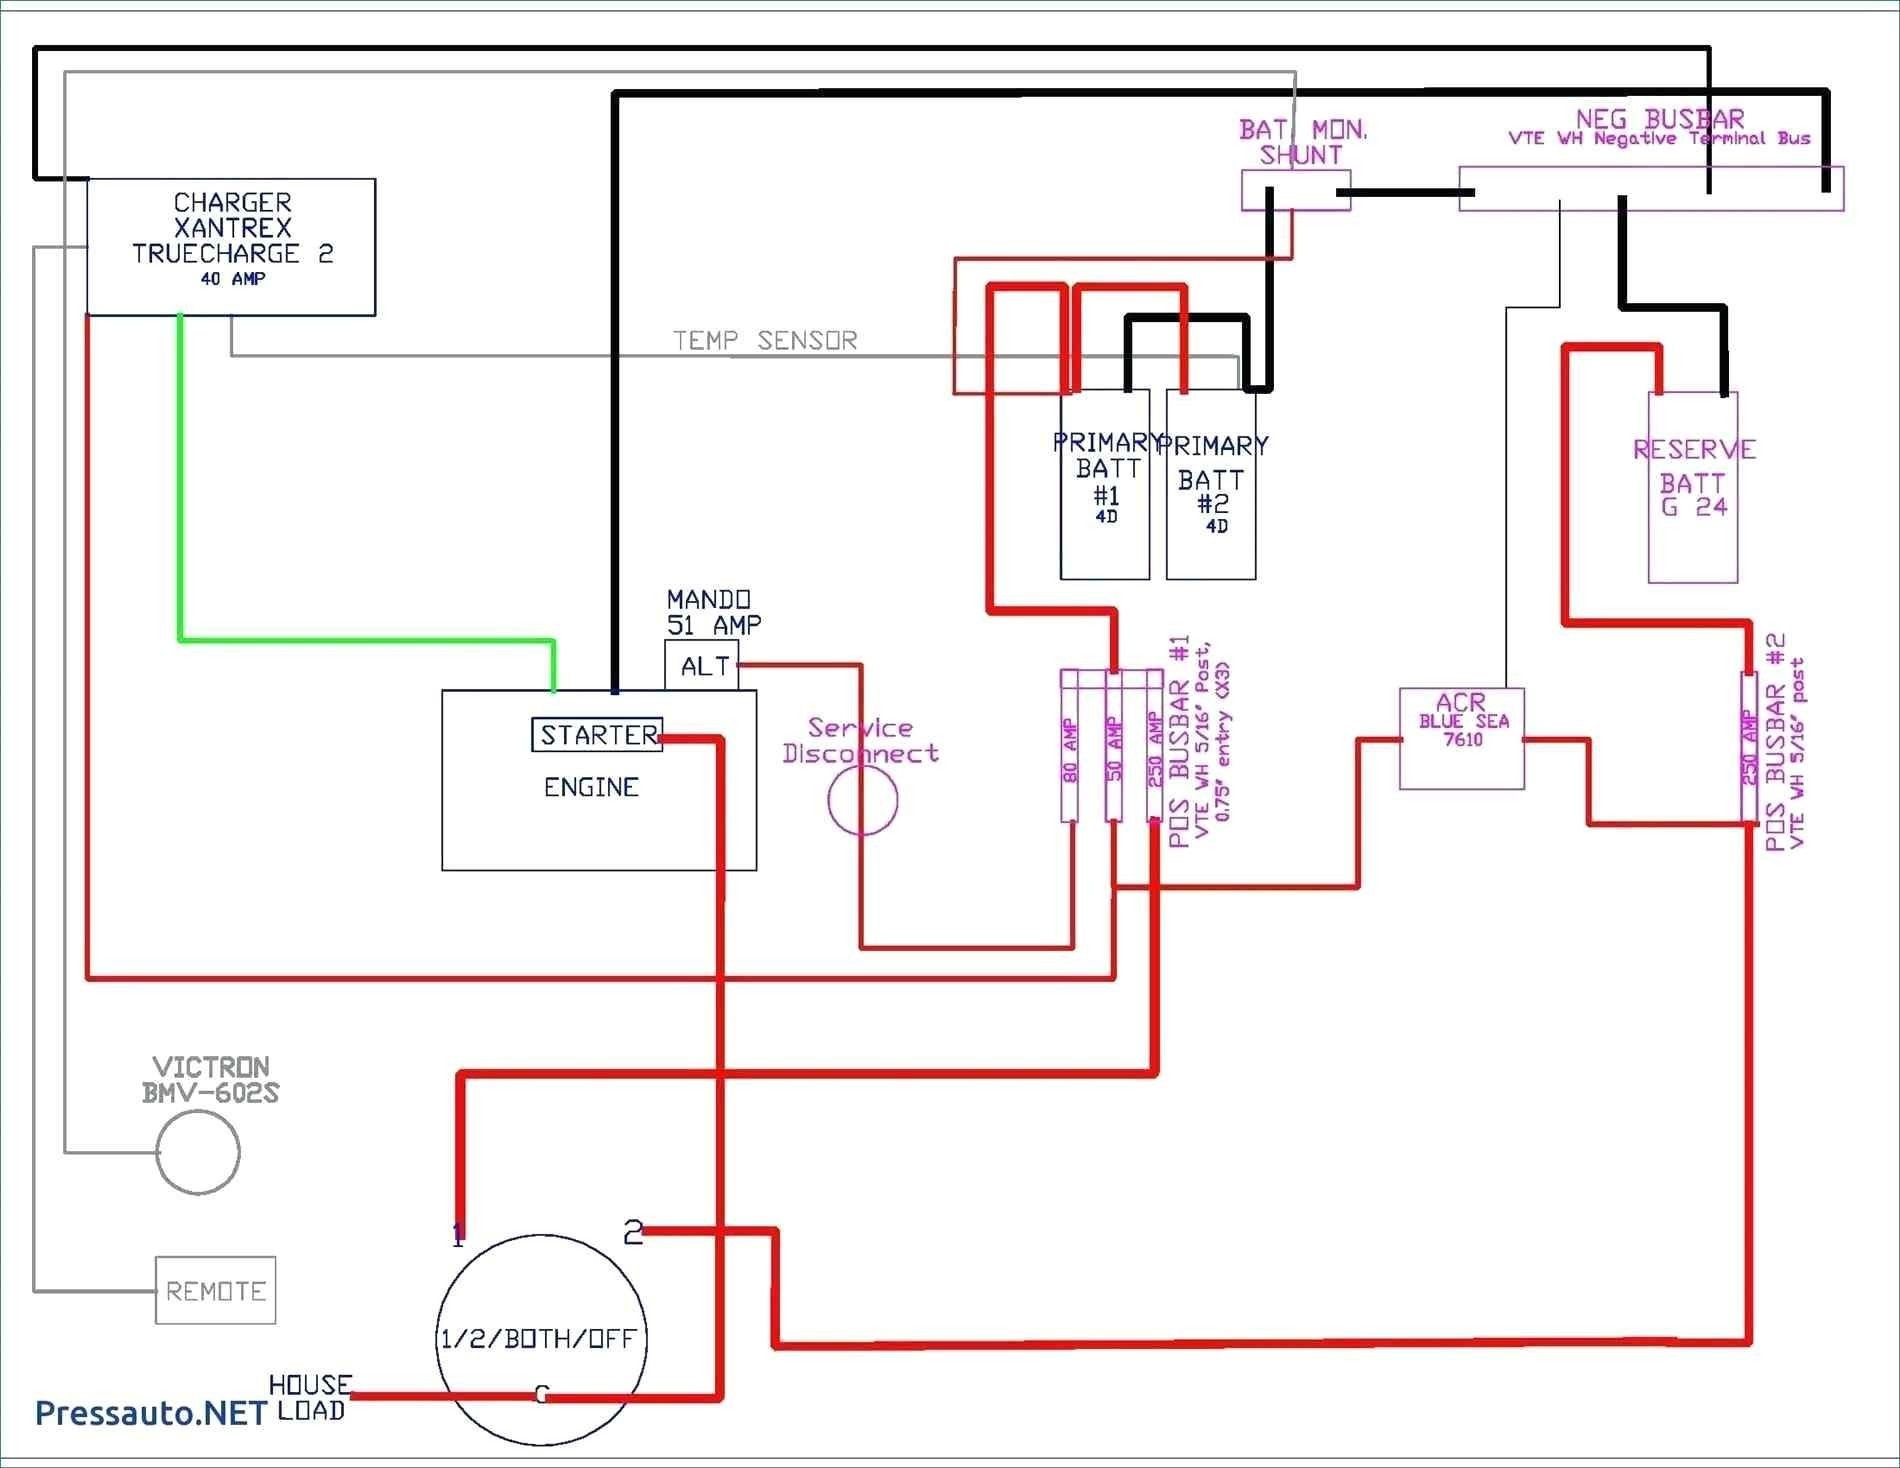 24 Innovative Way To Read Electrical Circuit Diagram Ideas ,  https://bacamajalah.com/24… | Electrical circuit diagram, Electrical diagram,  Electrical wiring diagramPinterest